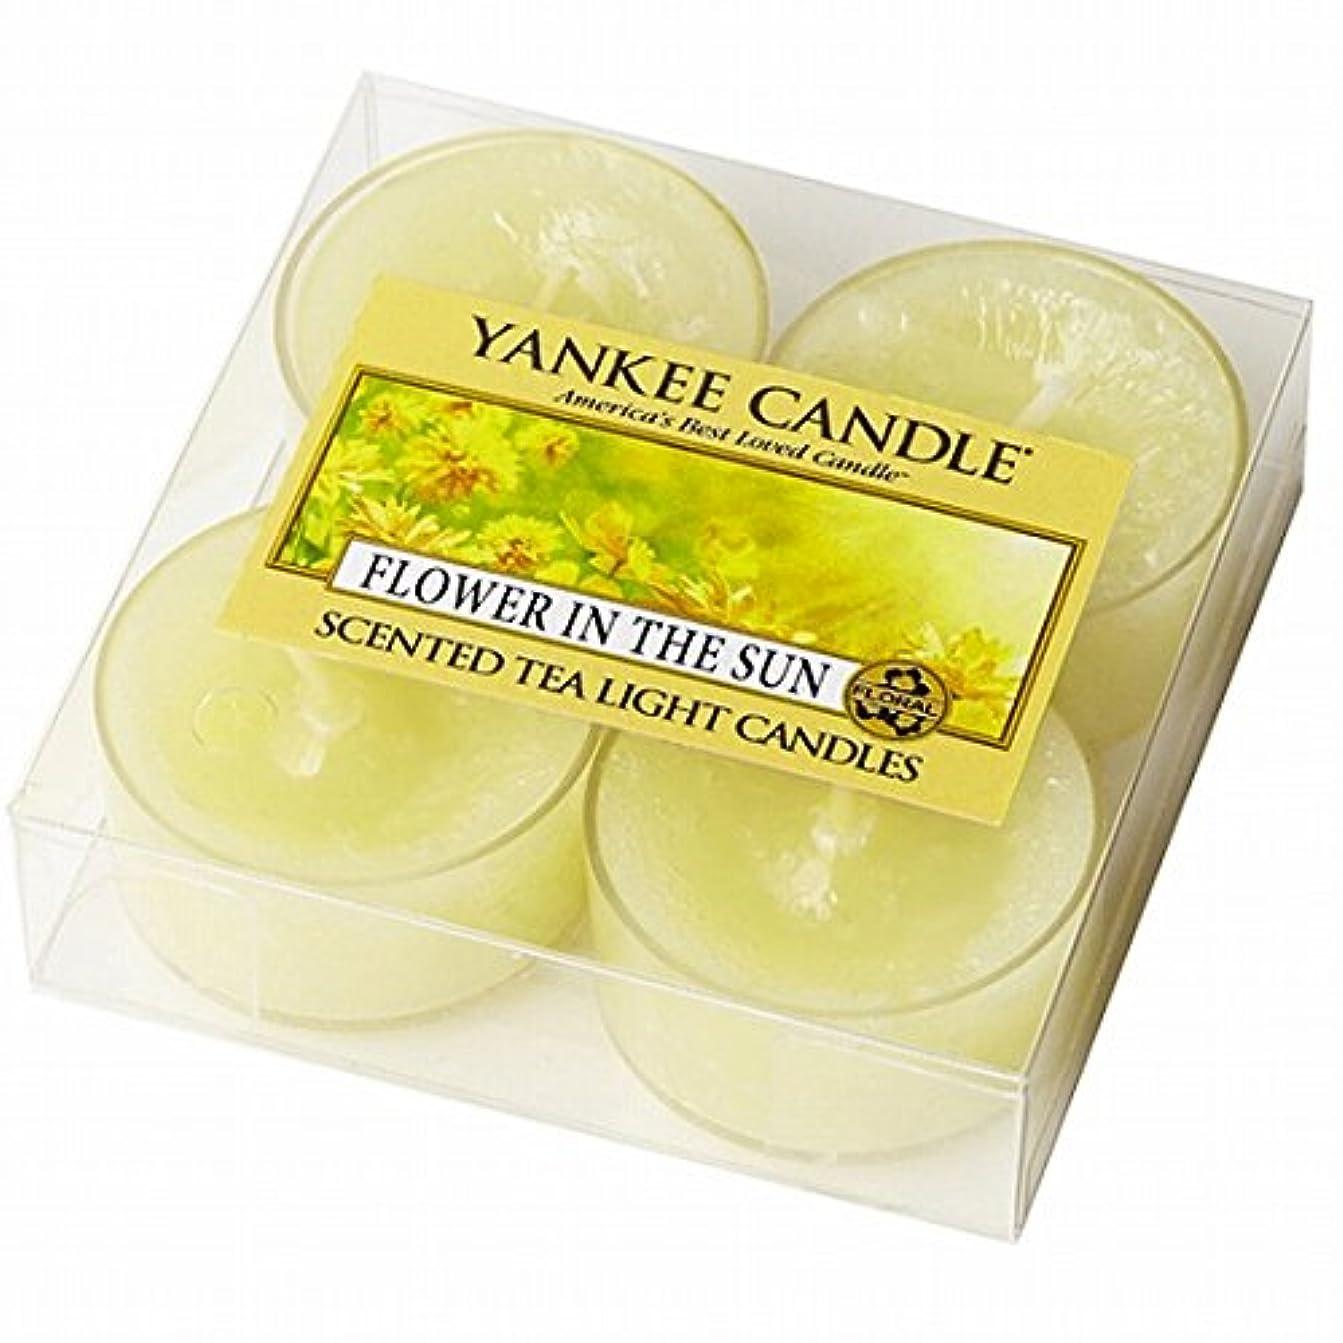 メジャースロット裂け目ヤンキーキャンドル( YANKEE CANDLE ) YANKEE CANDLE クリアカップティーライト4個入り 「フラワーインザサン」